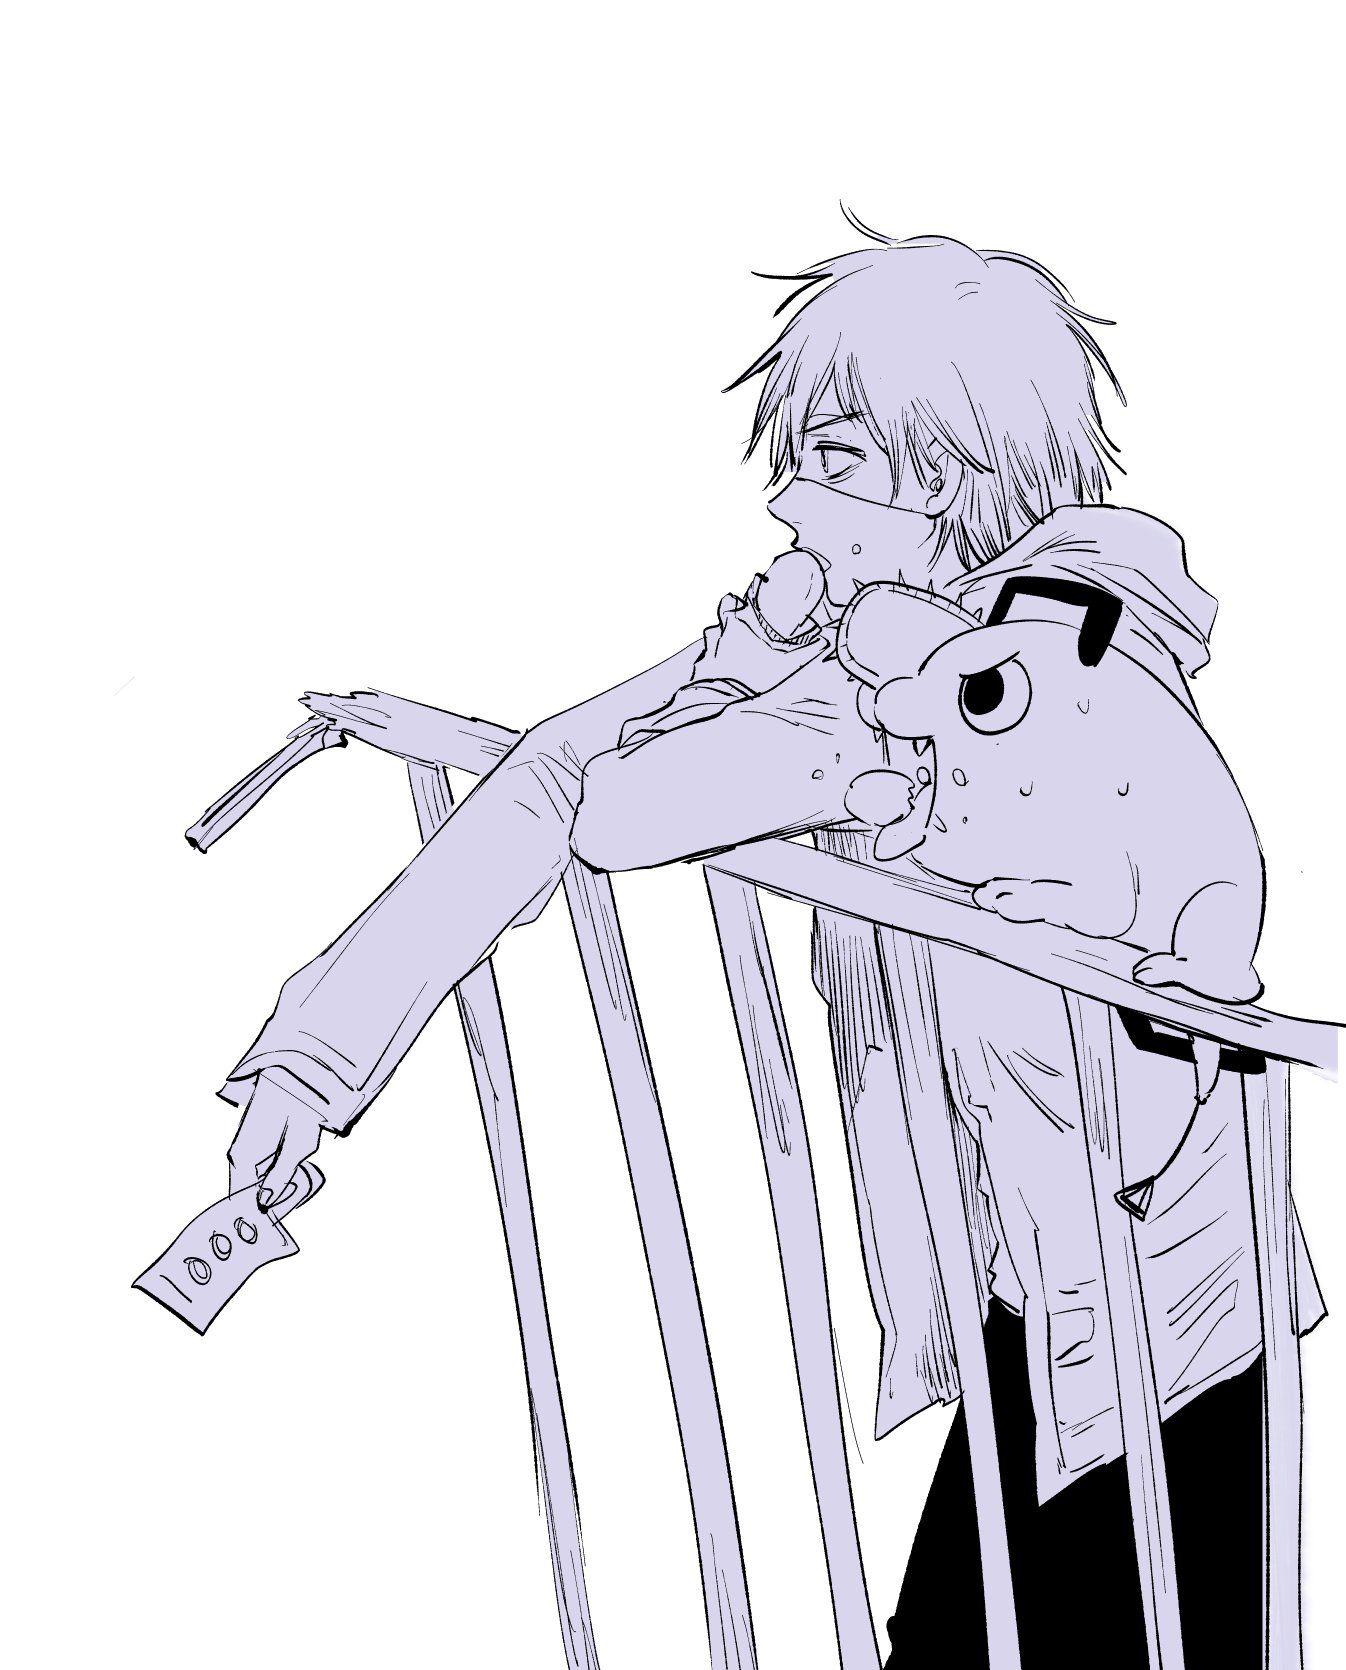 横槍メンゴ🎀【推しの子】連載中🎤 on Twitter in 2020 Anime, Manga, Chainsaw